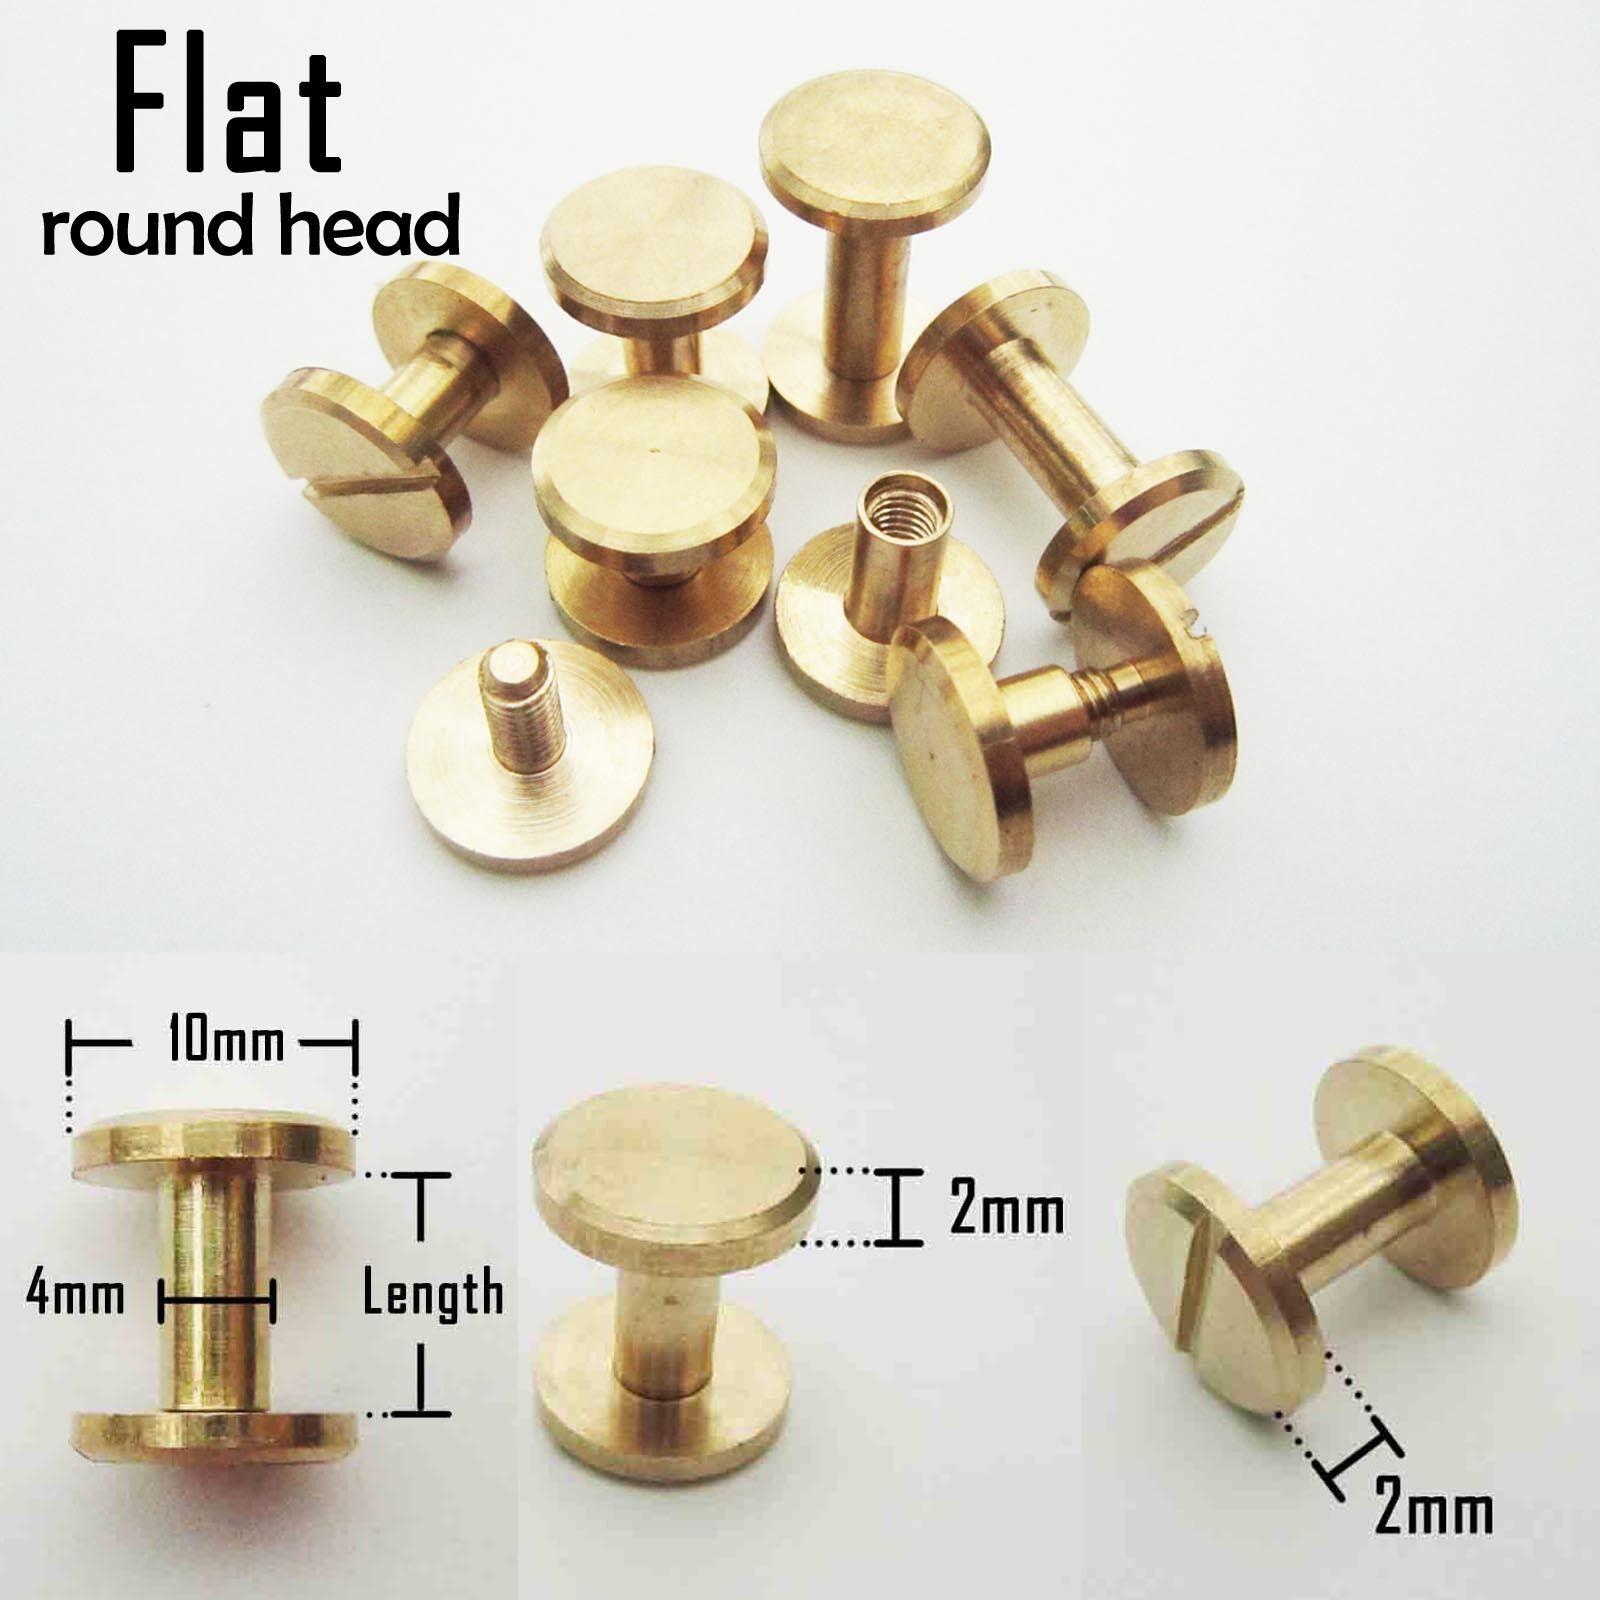 Flat round head